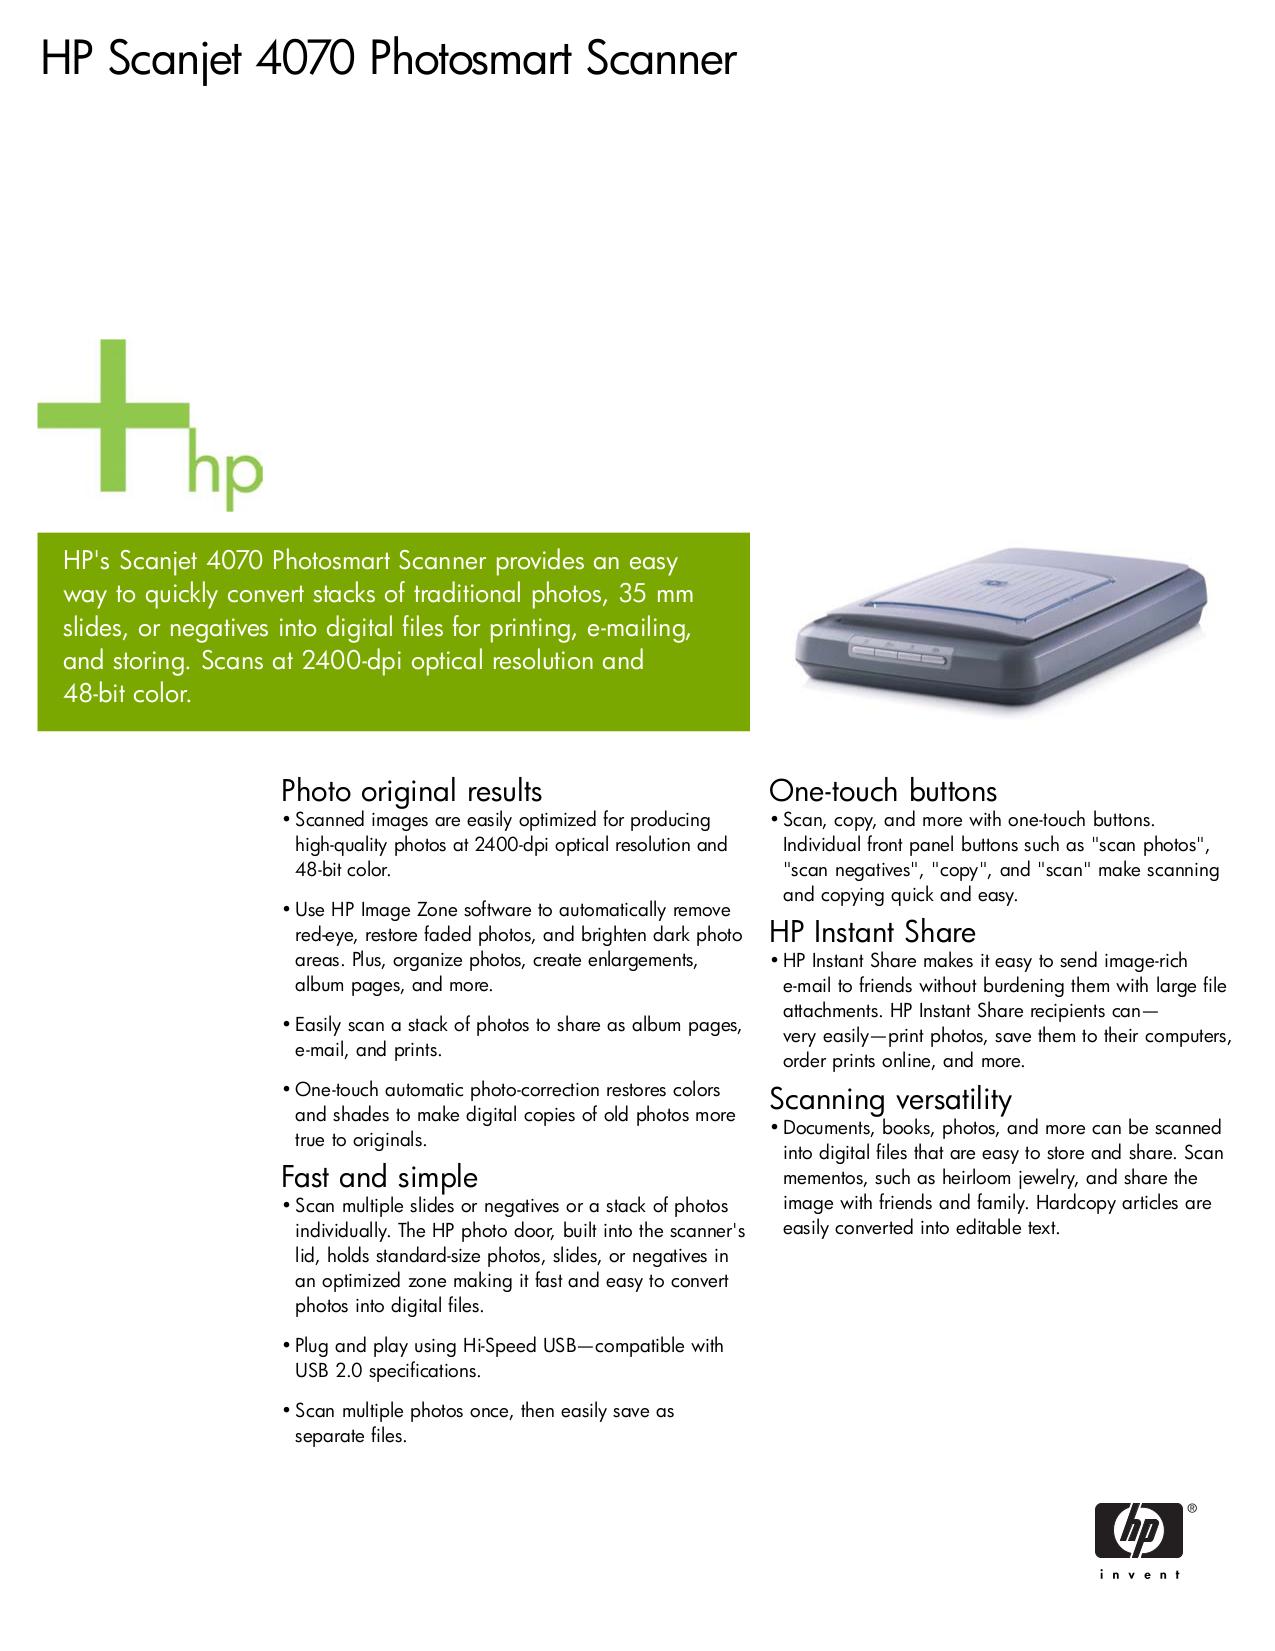 download free pdf for hp scanjet 4070 scanner manual rh umlib com HP Scanjet 7000 HP Scanjet 7000